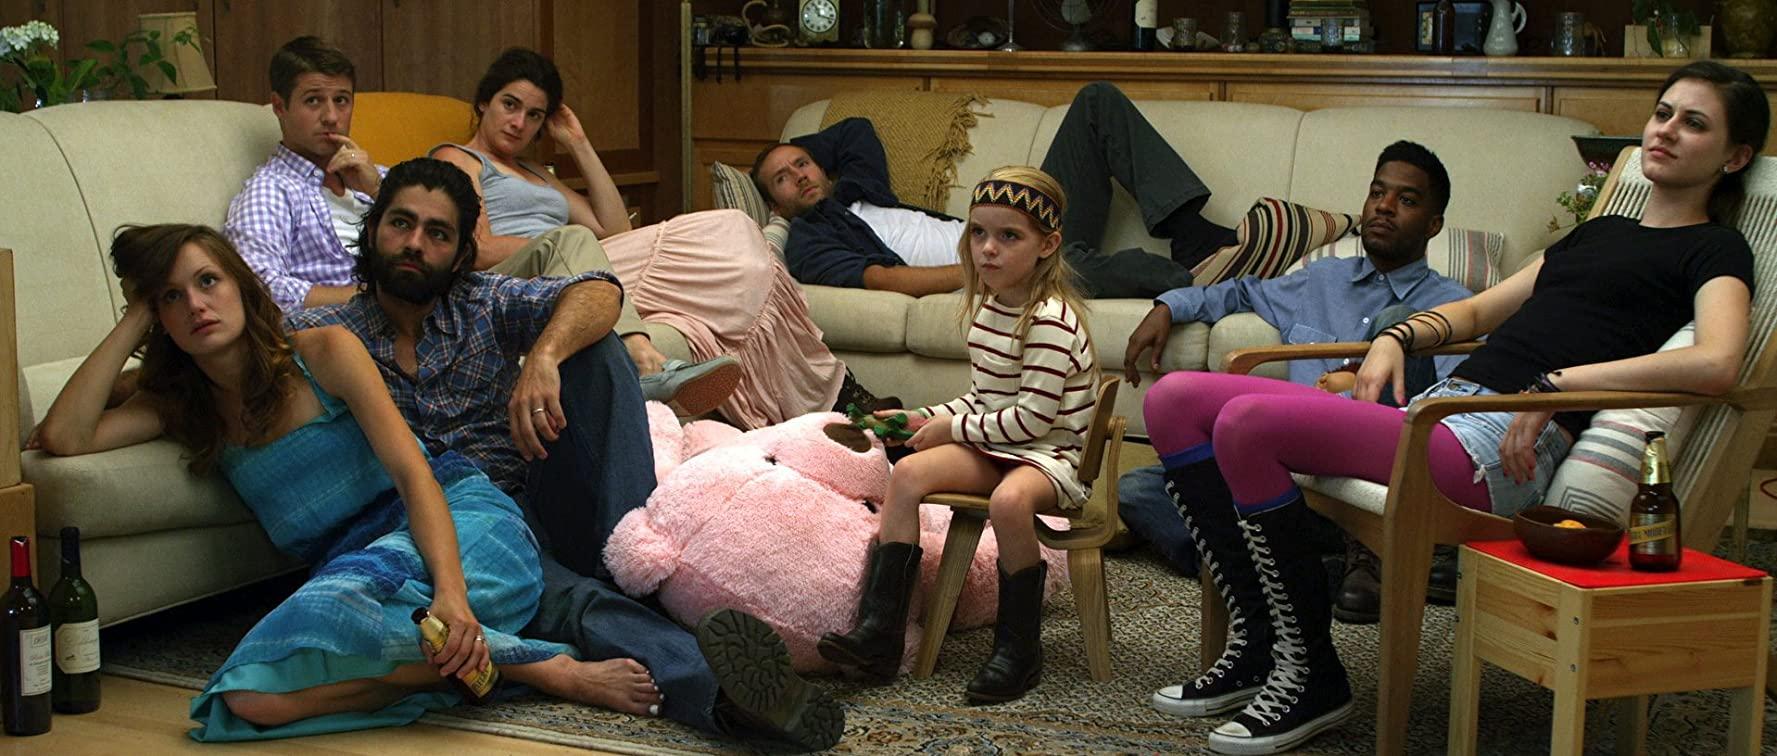 Kerry Bishé, Ben McKenzie, Adrian Grenier, Gaby Hoffmann, Mark Webber, McKenna Grace, Kid Cudi and Remy Nozik in Goodbye World (2013)